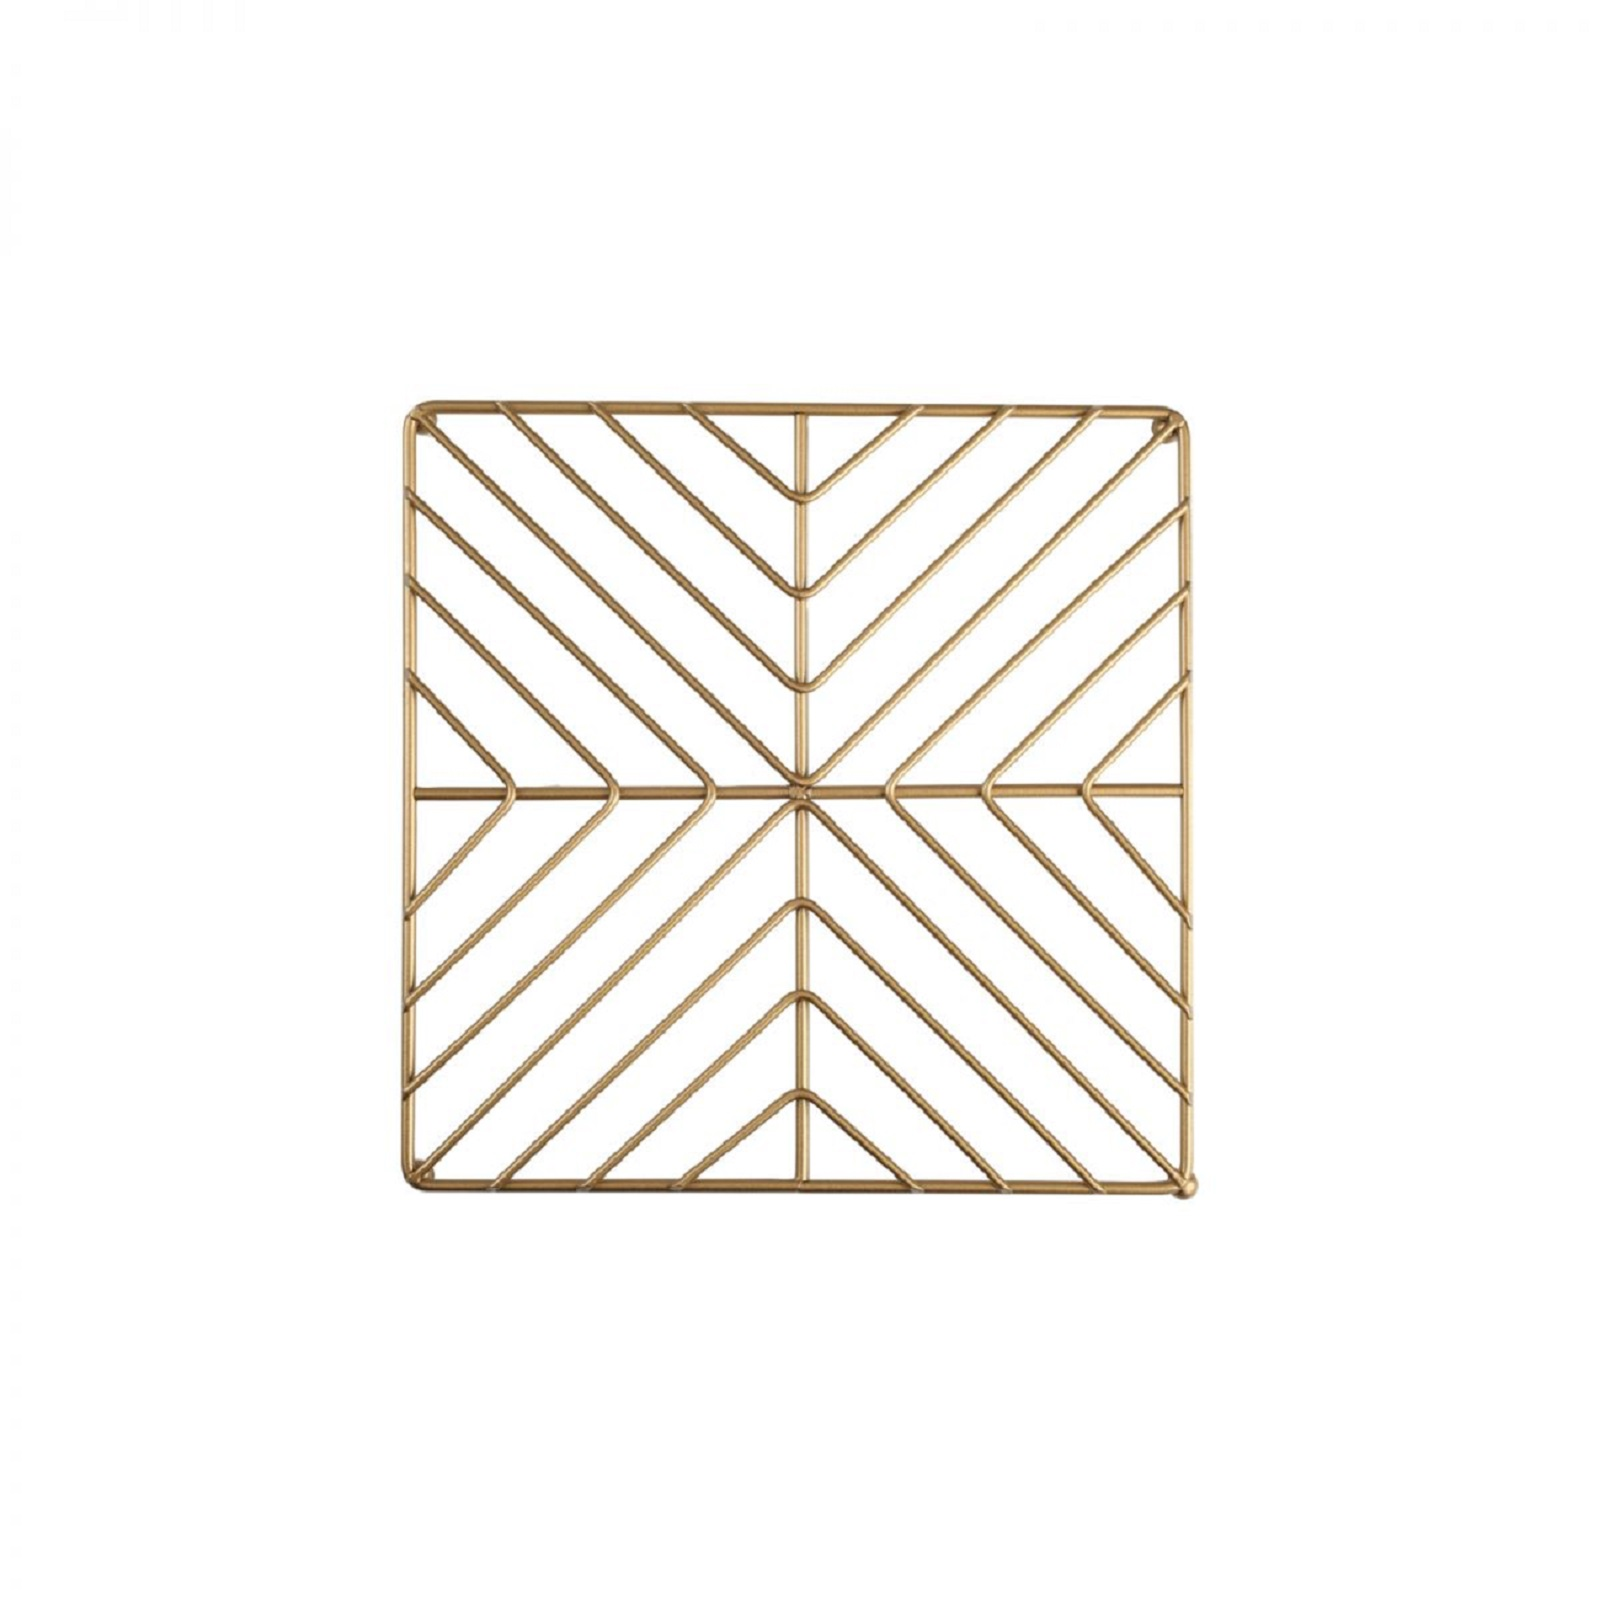 Онлайн каталог PROMENU: Подставка под горячее металлическая T&G DECO, 22х22 см, золотистый  23090